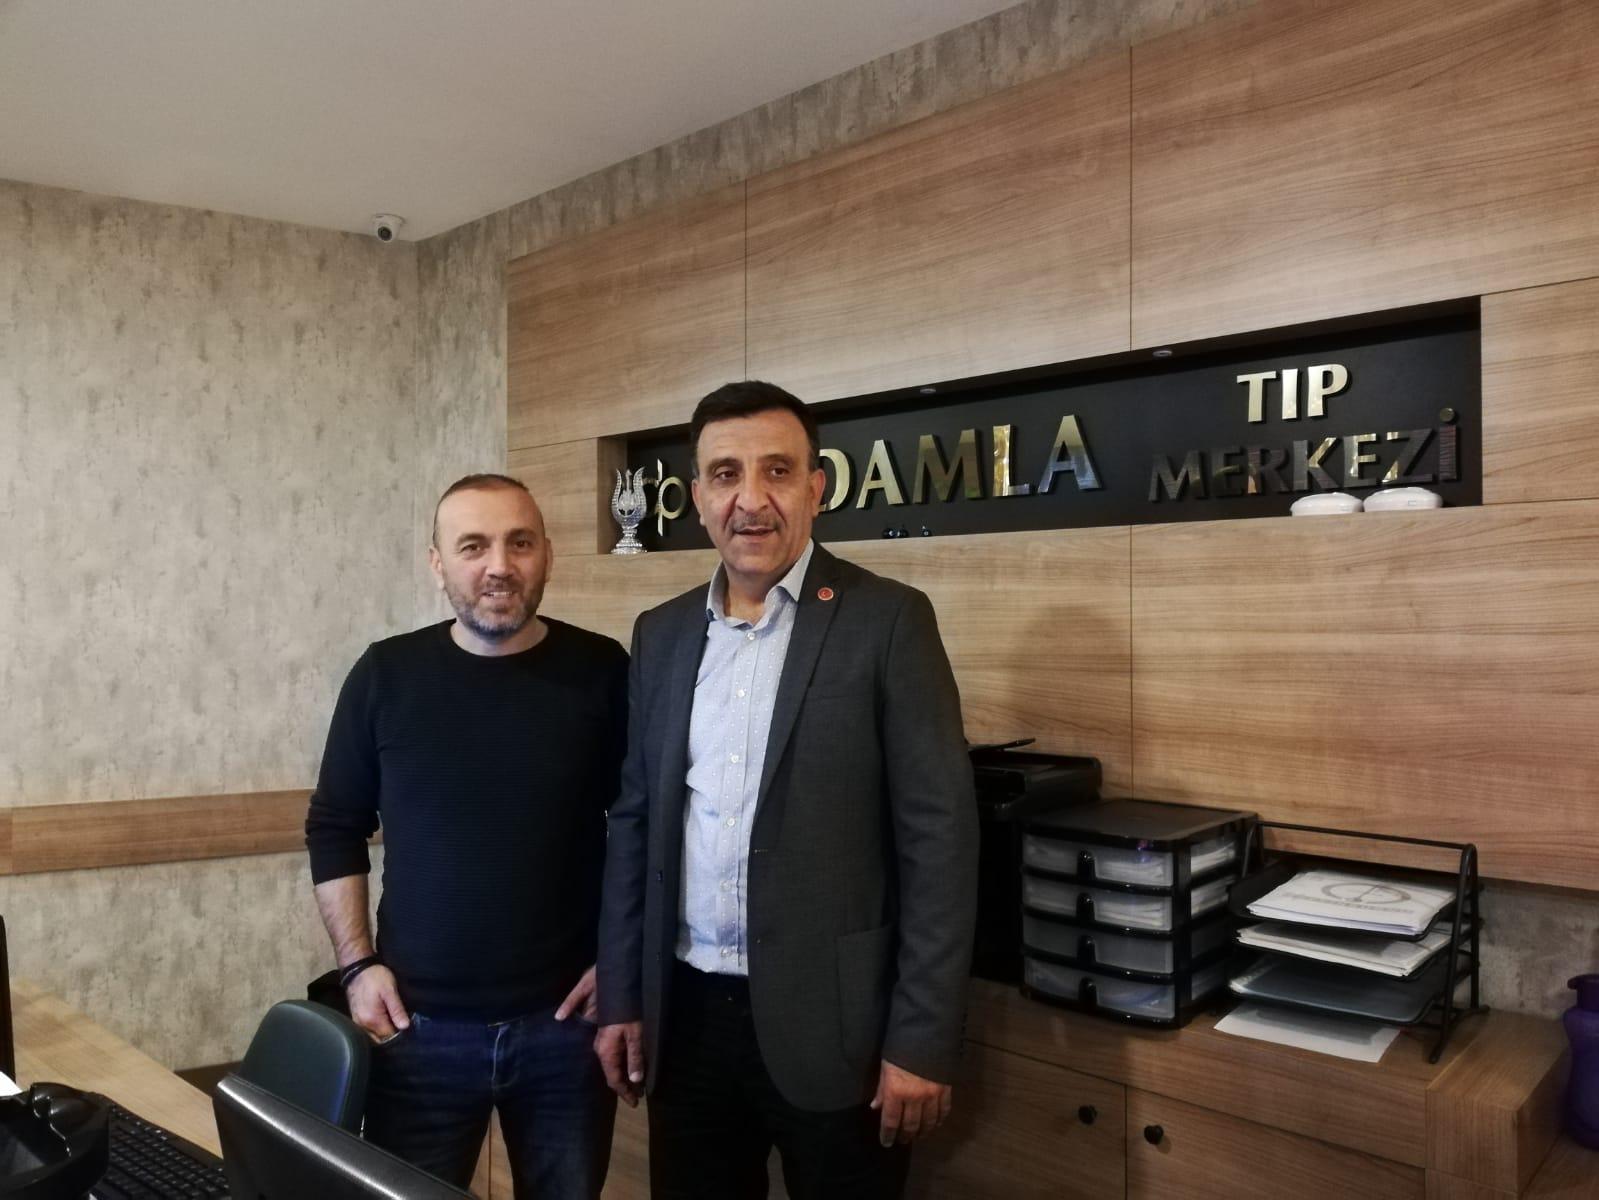 Öz Alibeyköy Sporcularının Sağlığı Damla Tıp Merkezine Emane